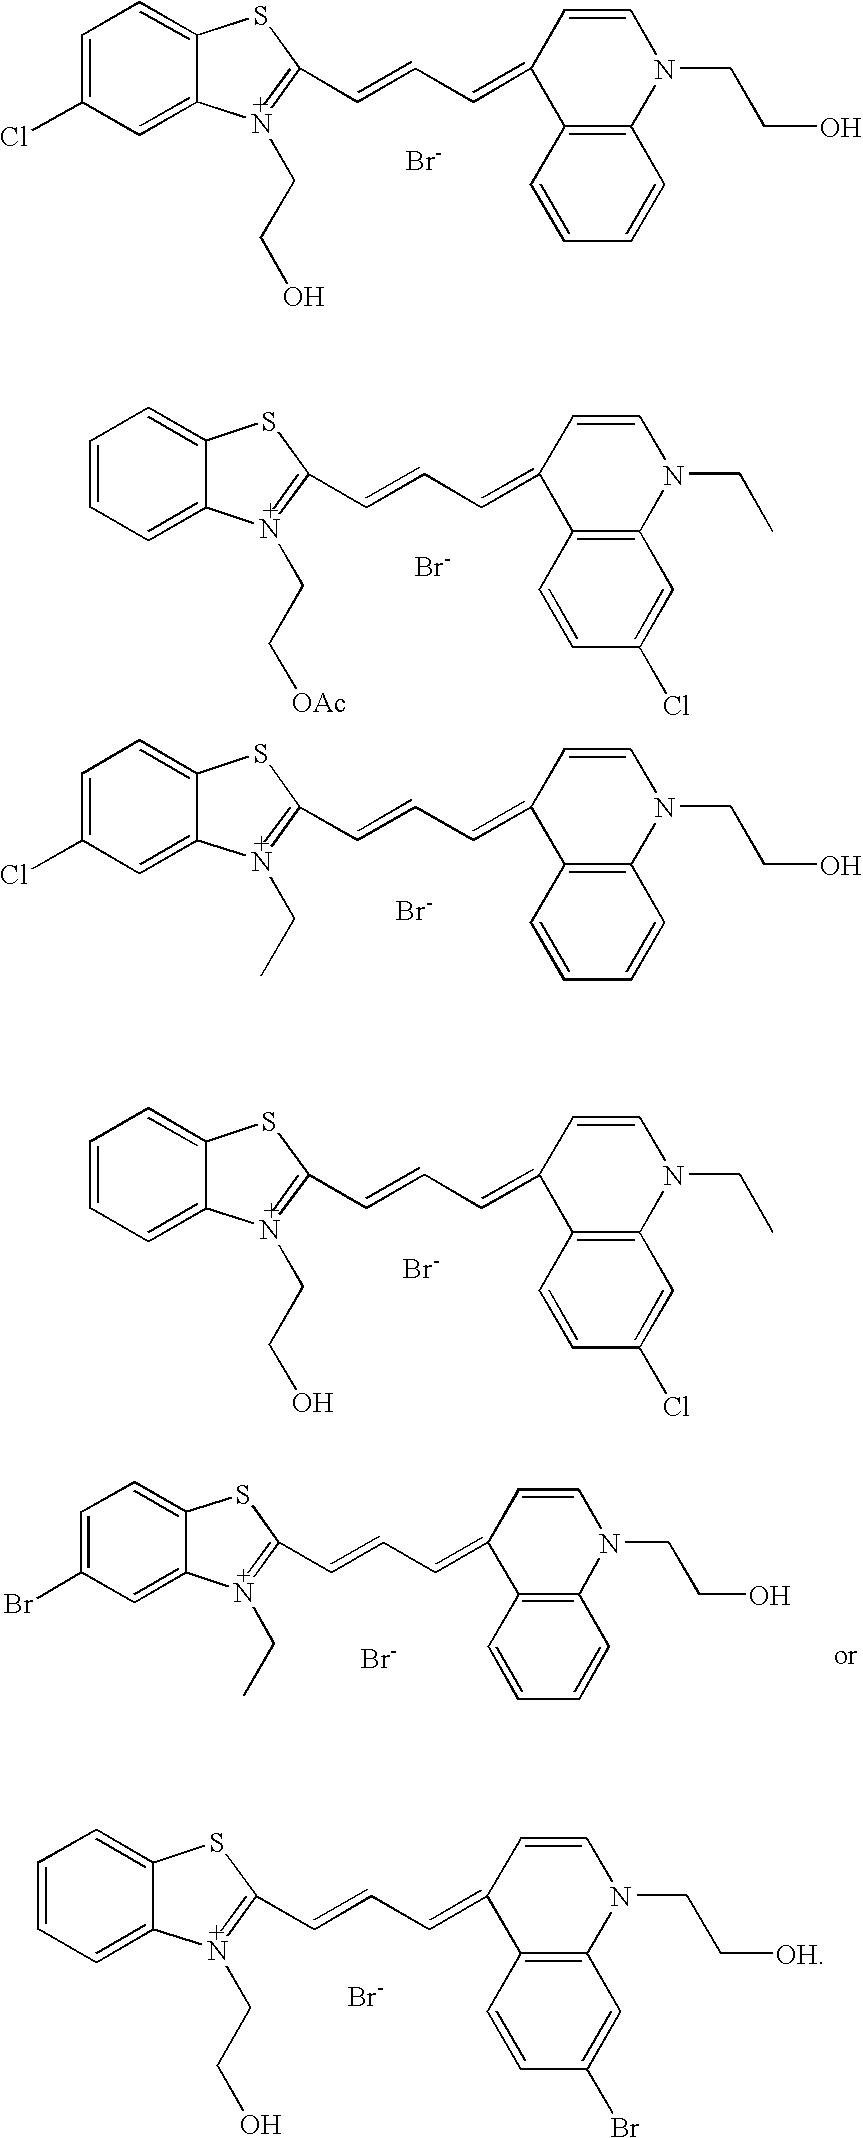 Figure US08940499-20150127-C00009